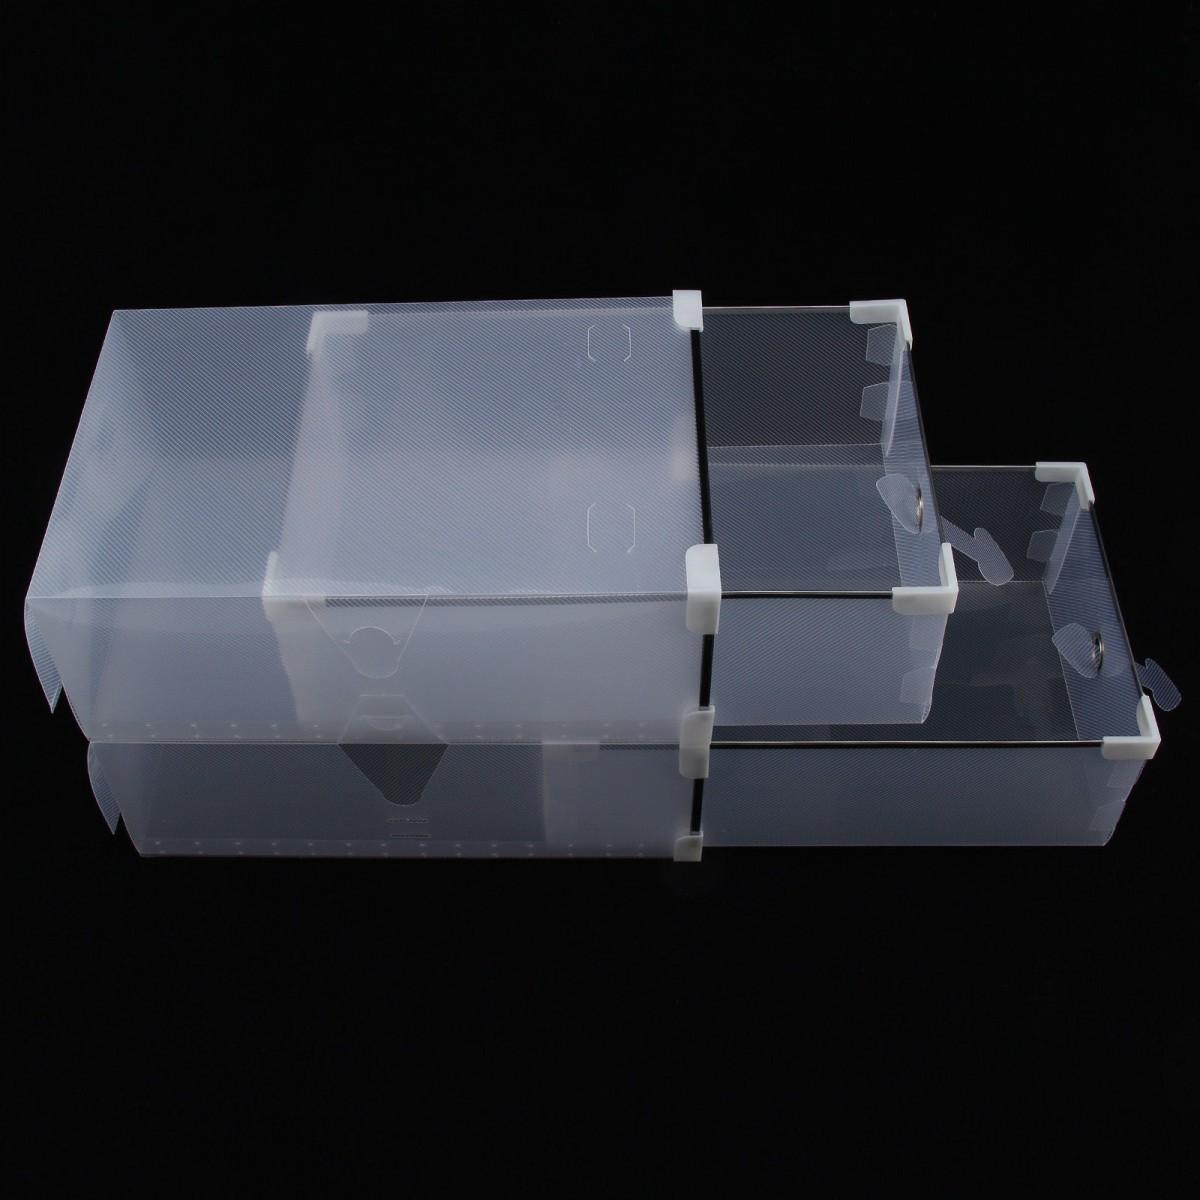 Сборный модуль для хранения обуви из 12 шт, модель 1, 31 х 19,5 х 10,5 см